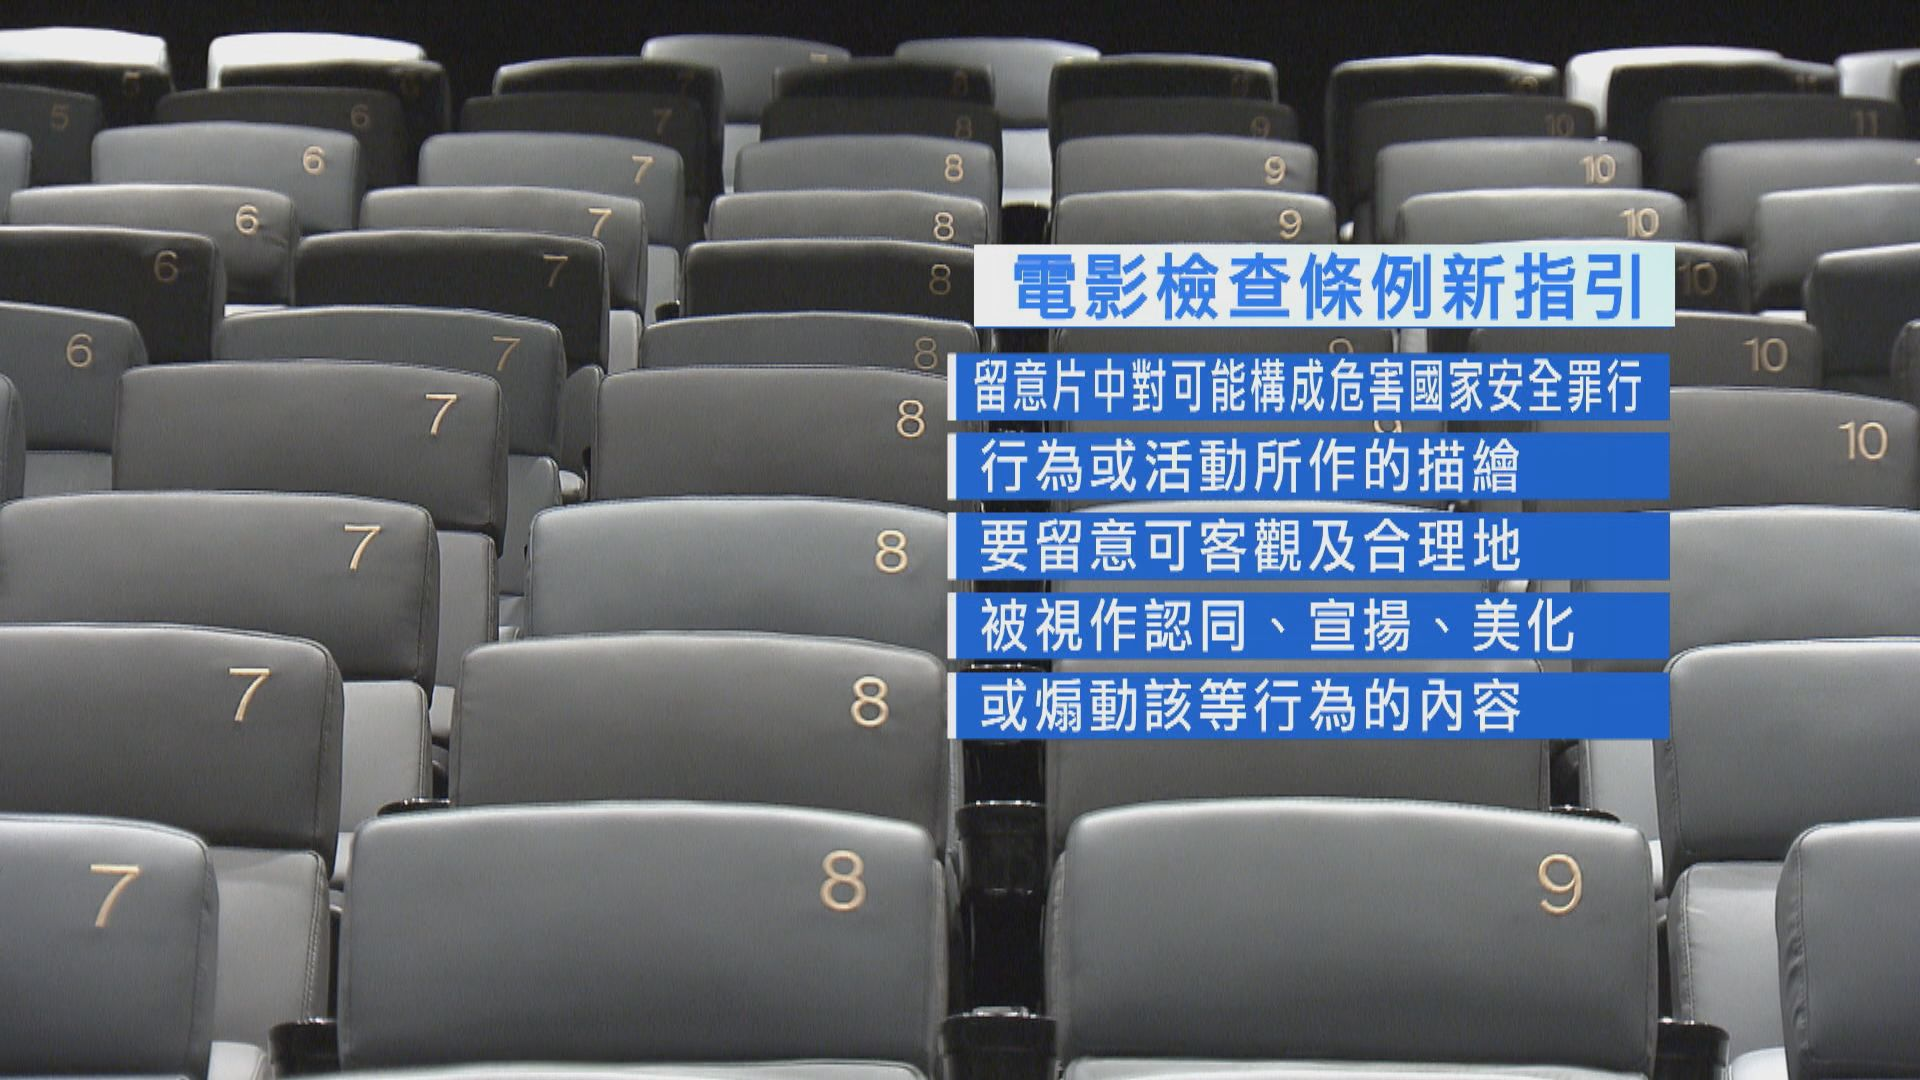 政府修訂電影檢查條例指引 檢查員須防範危害國家安全